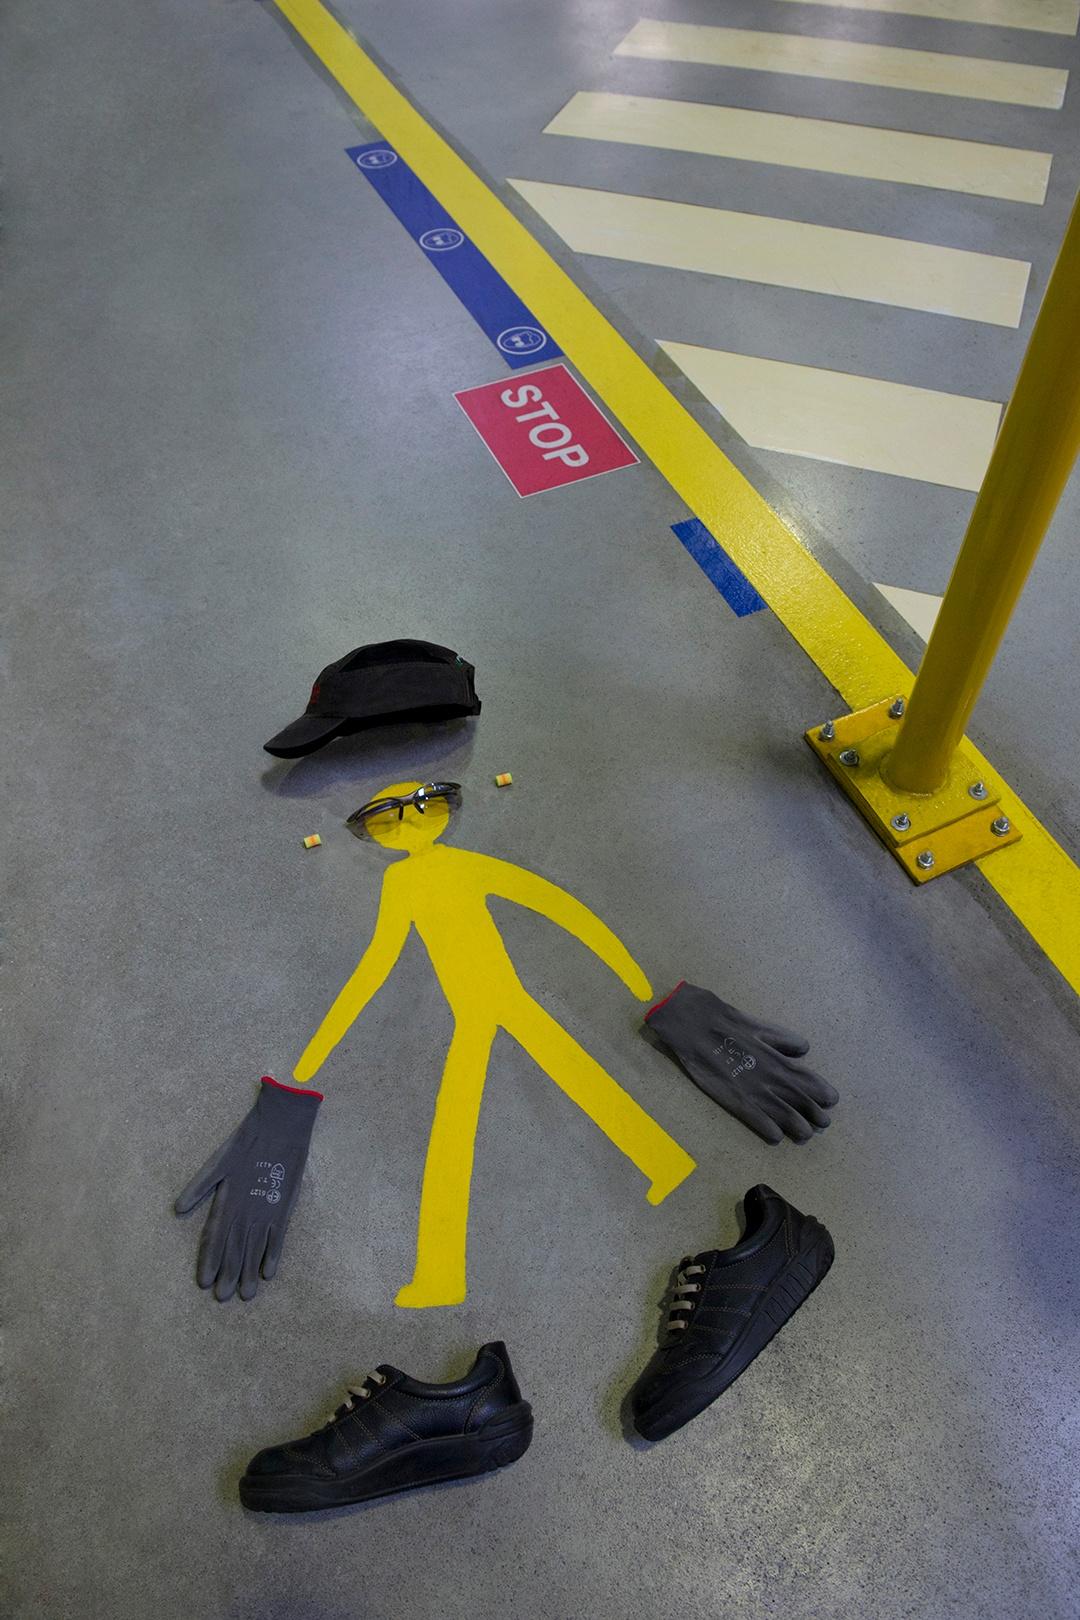 safer-together-in-the-factory_HI_11747_72dpi